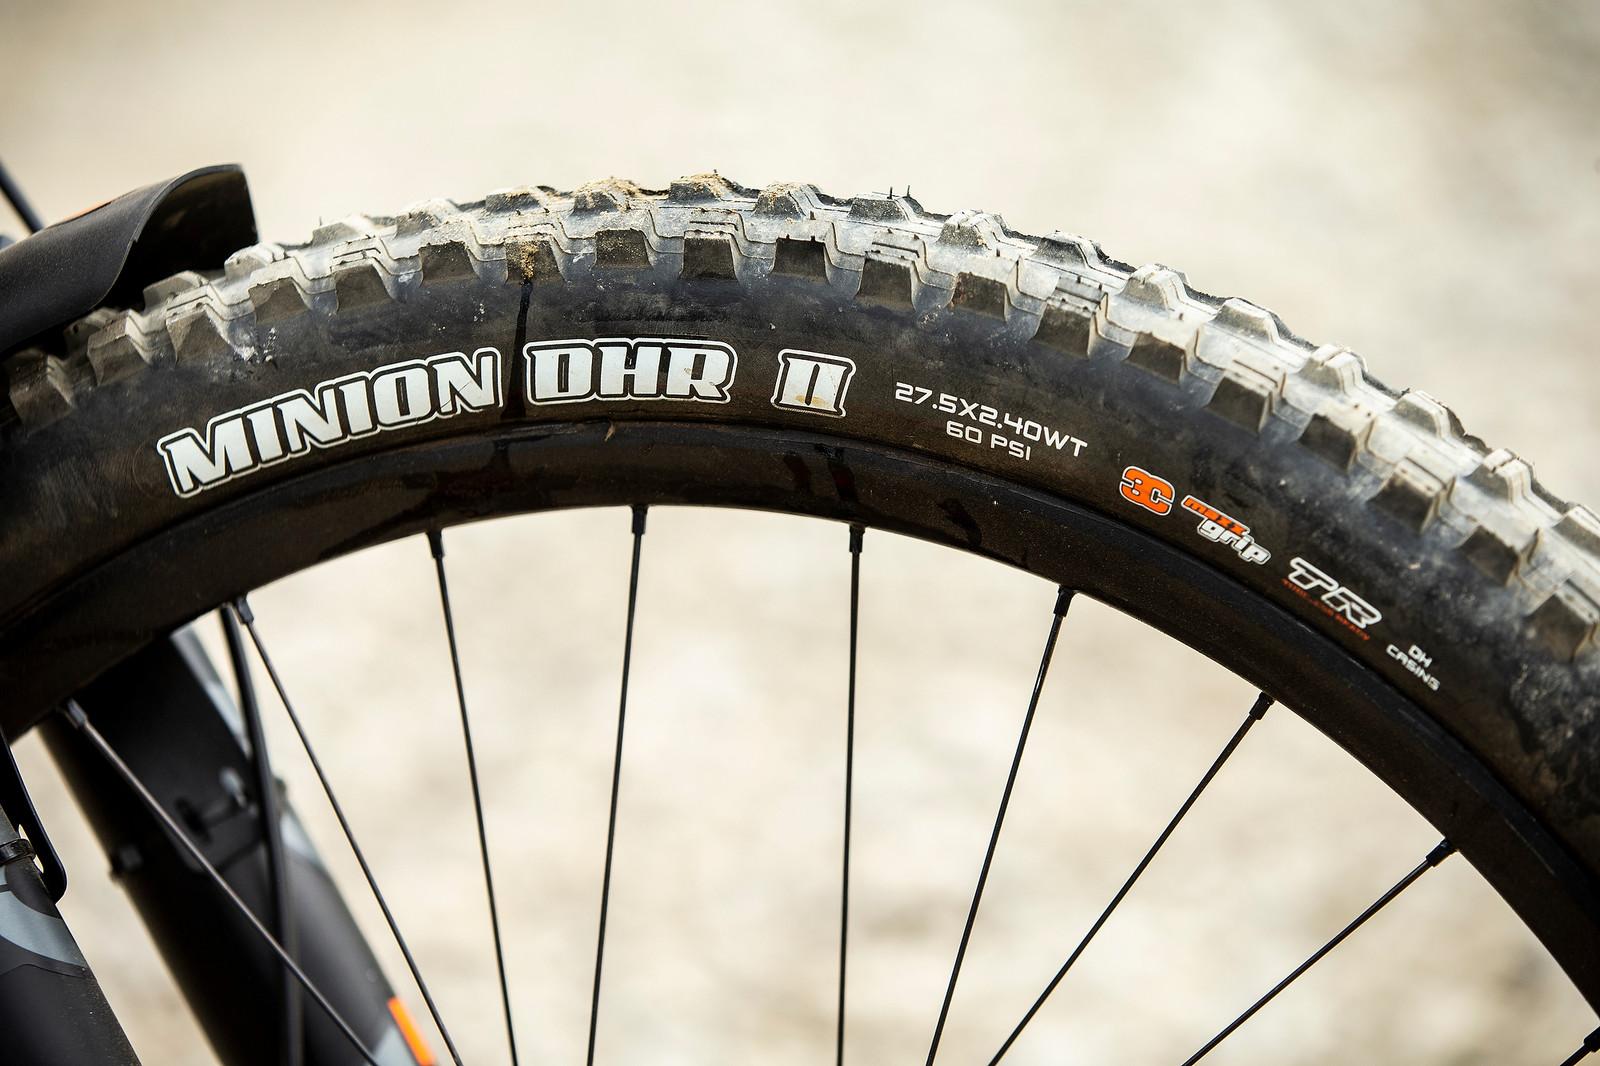 Maxxis Minion DHR II Tires, 27.5 x 2.4 - WINNING BIKE - Danny Hart's Saracen Myst - Mountain Biking Pictures - Vital MTB